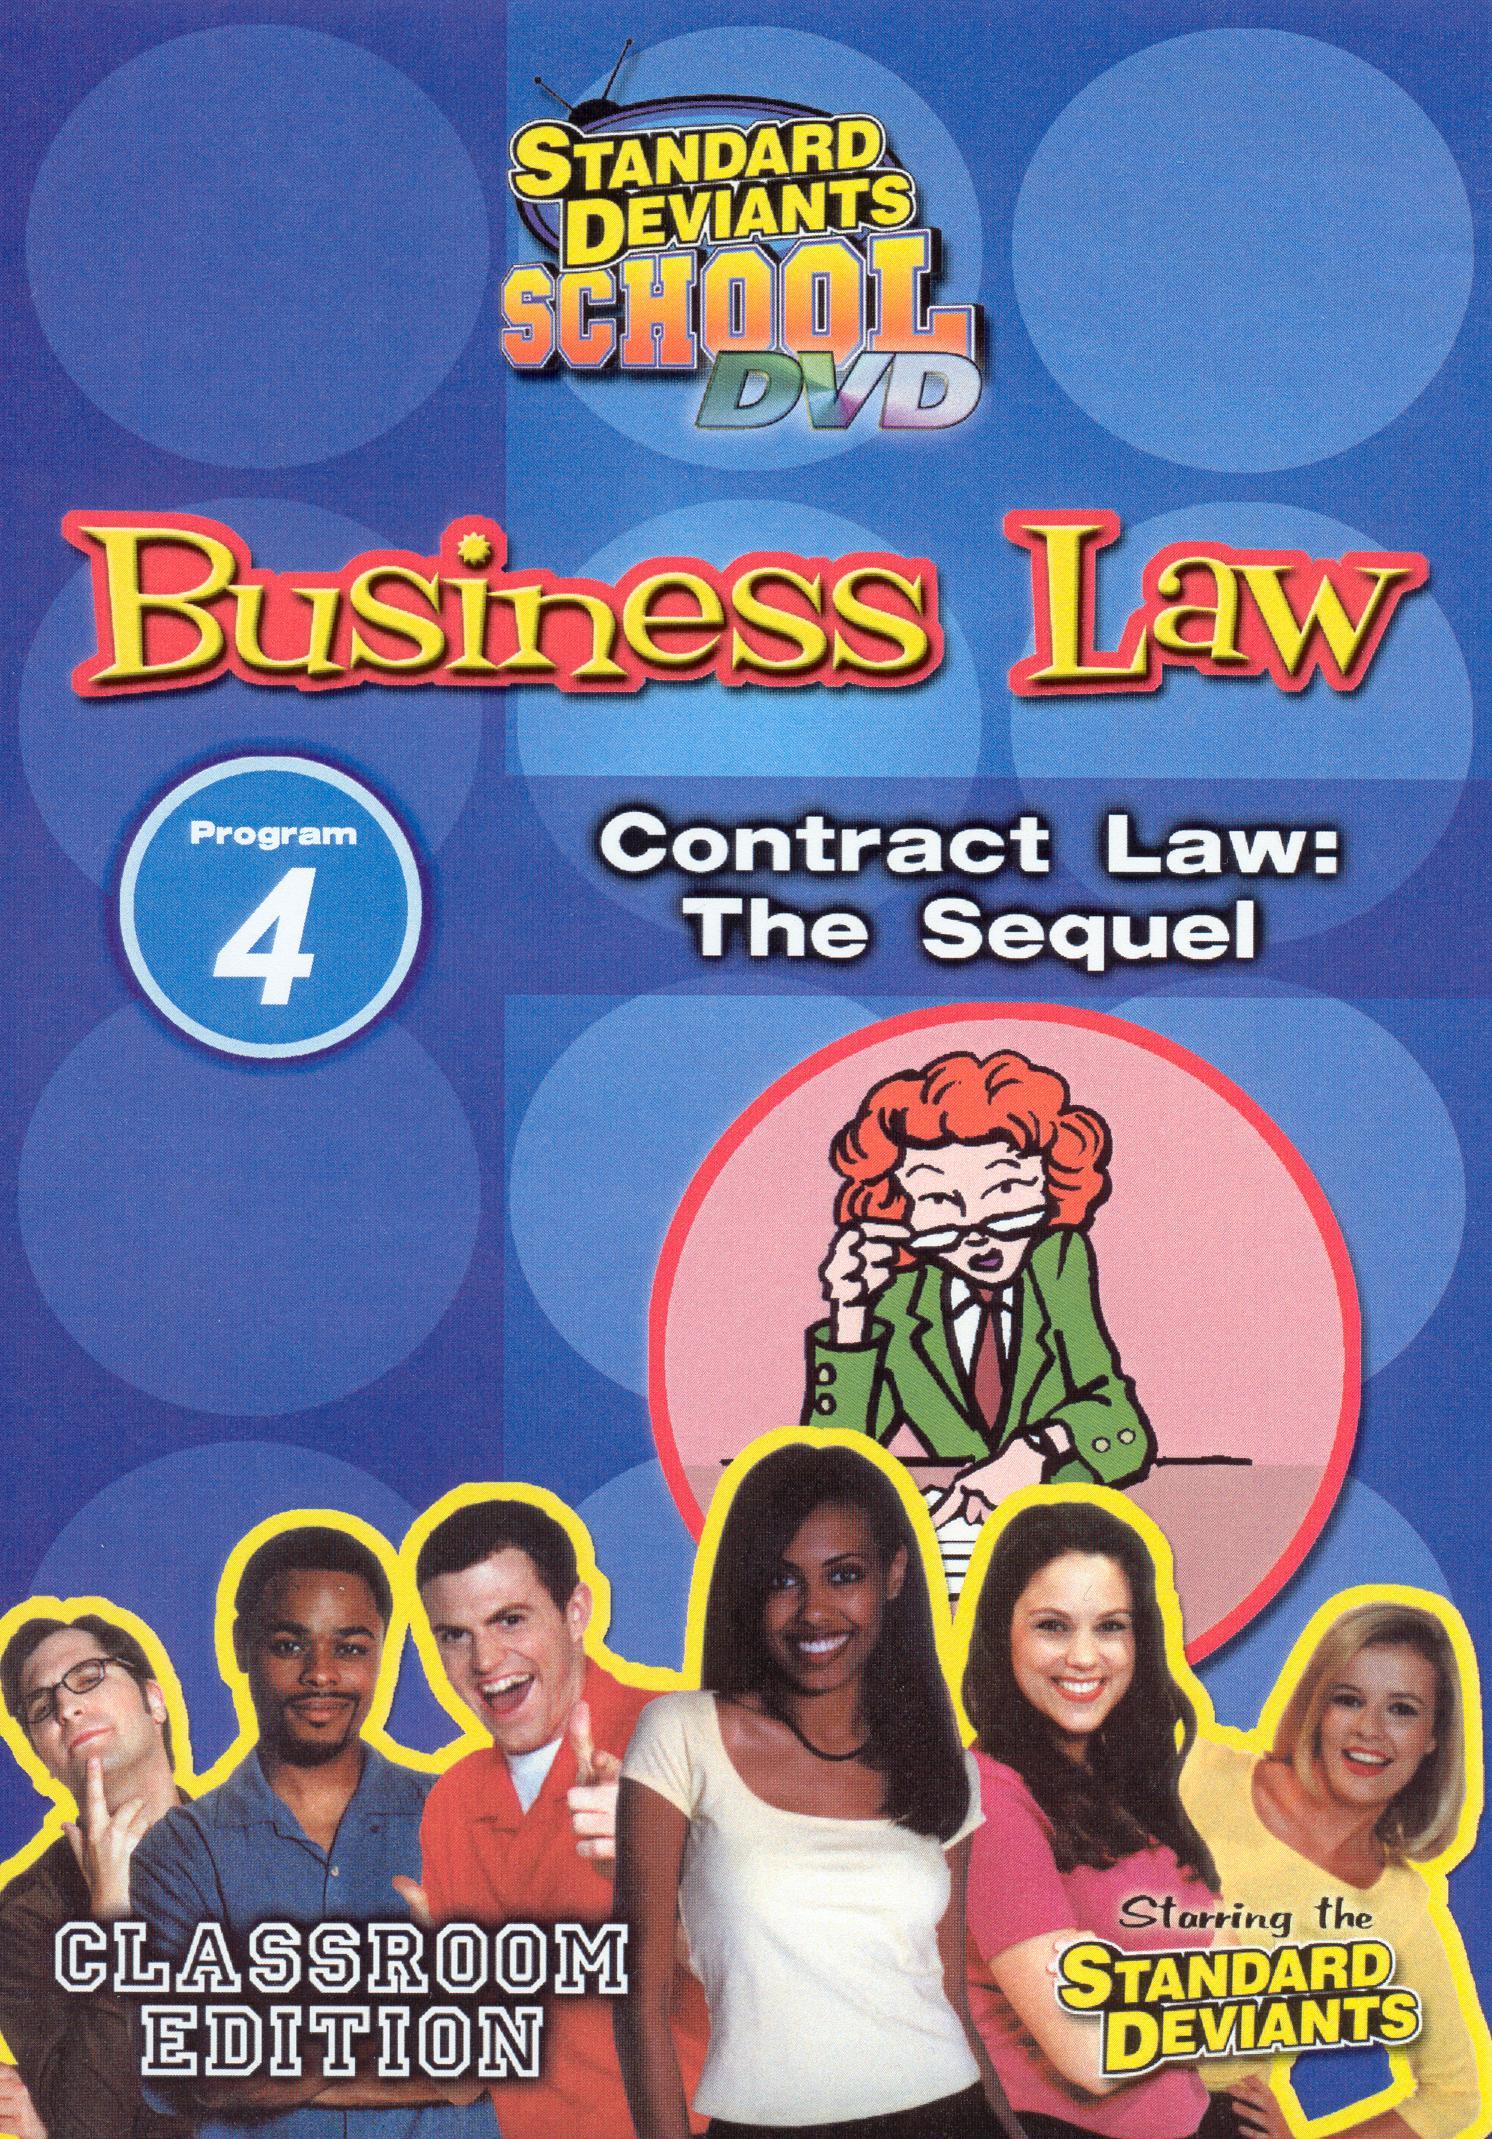 Standard Deviants School: Business Law, Program 4